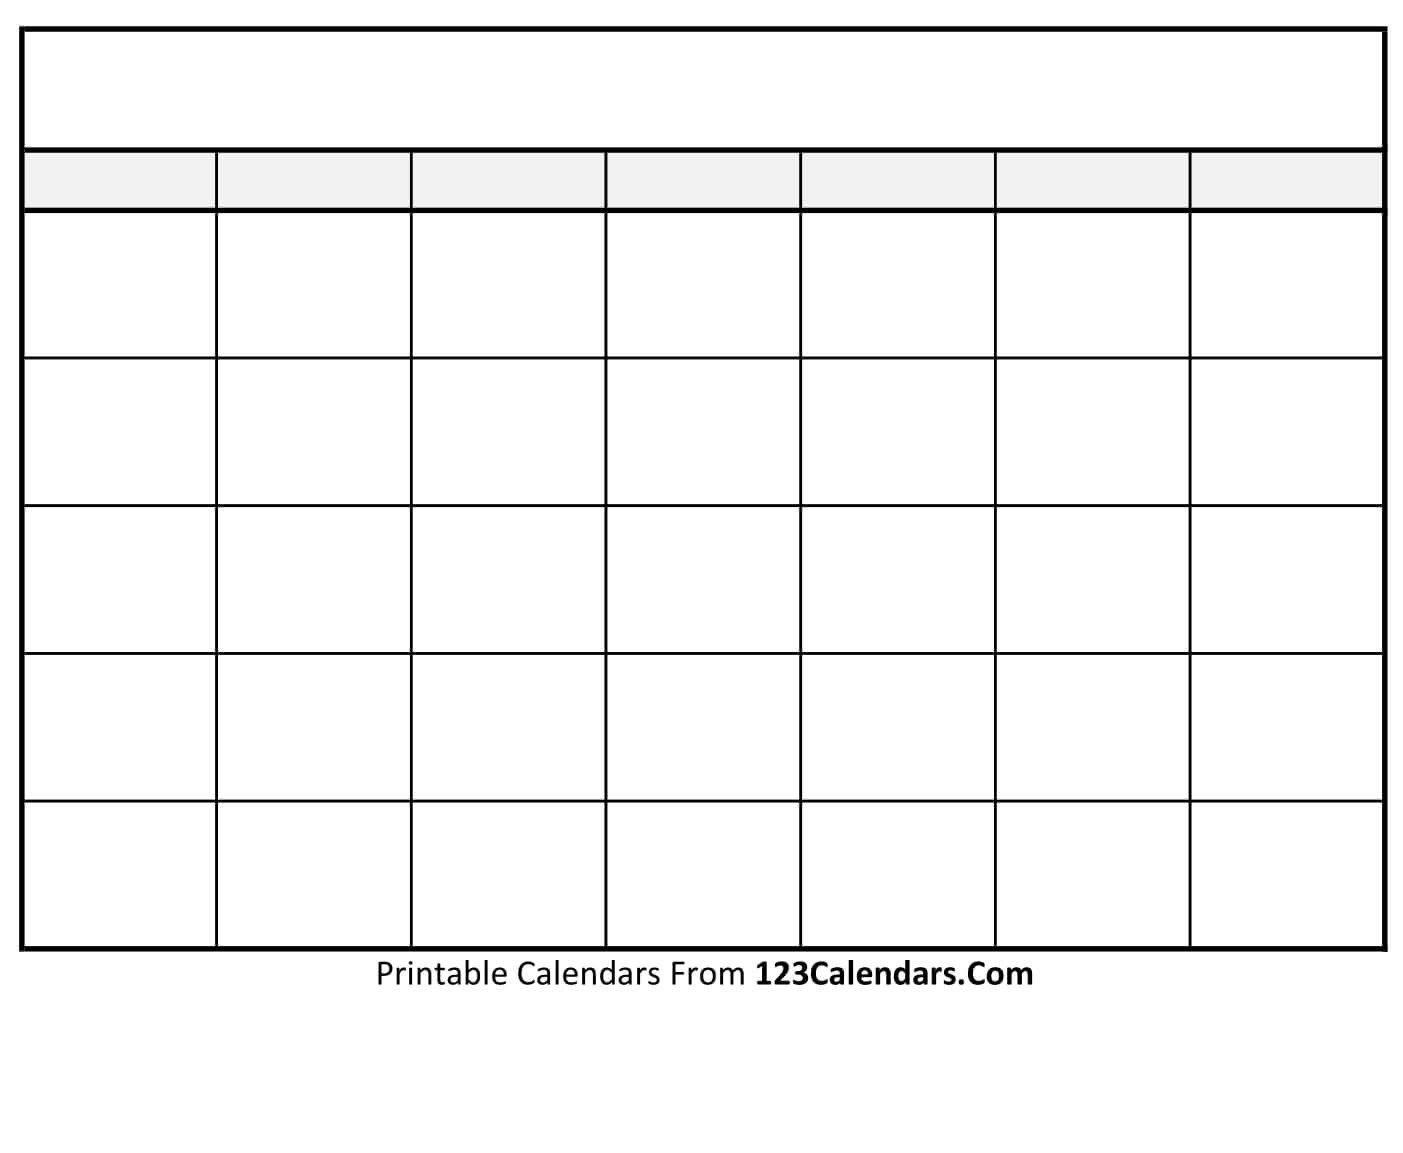 Fill In Printable Calendar Templates | Calendar Template Free Fill In Printable Calendars